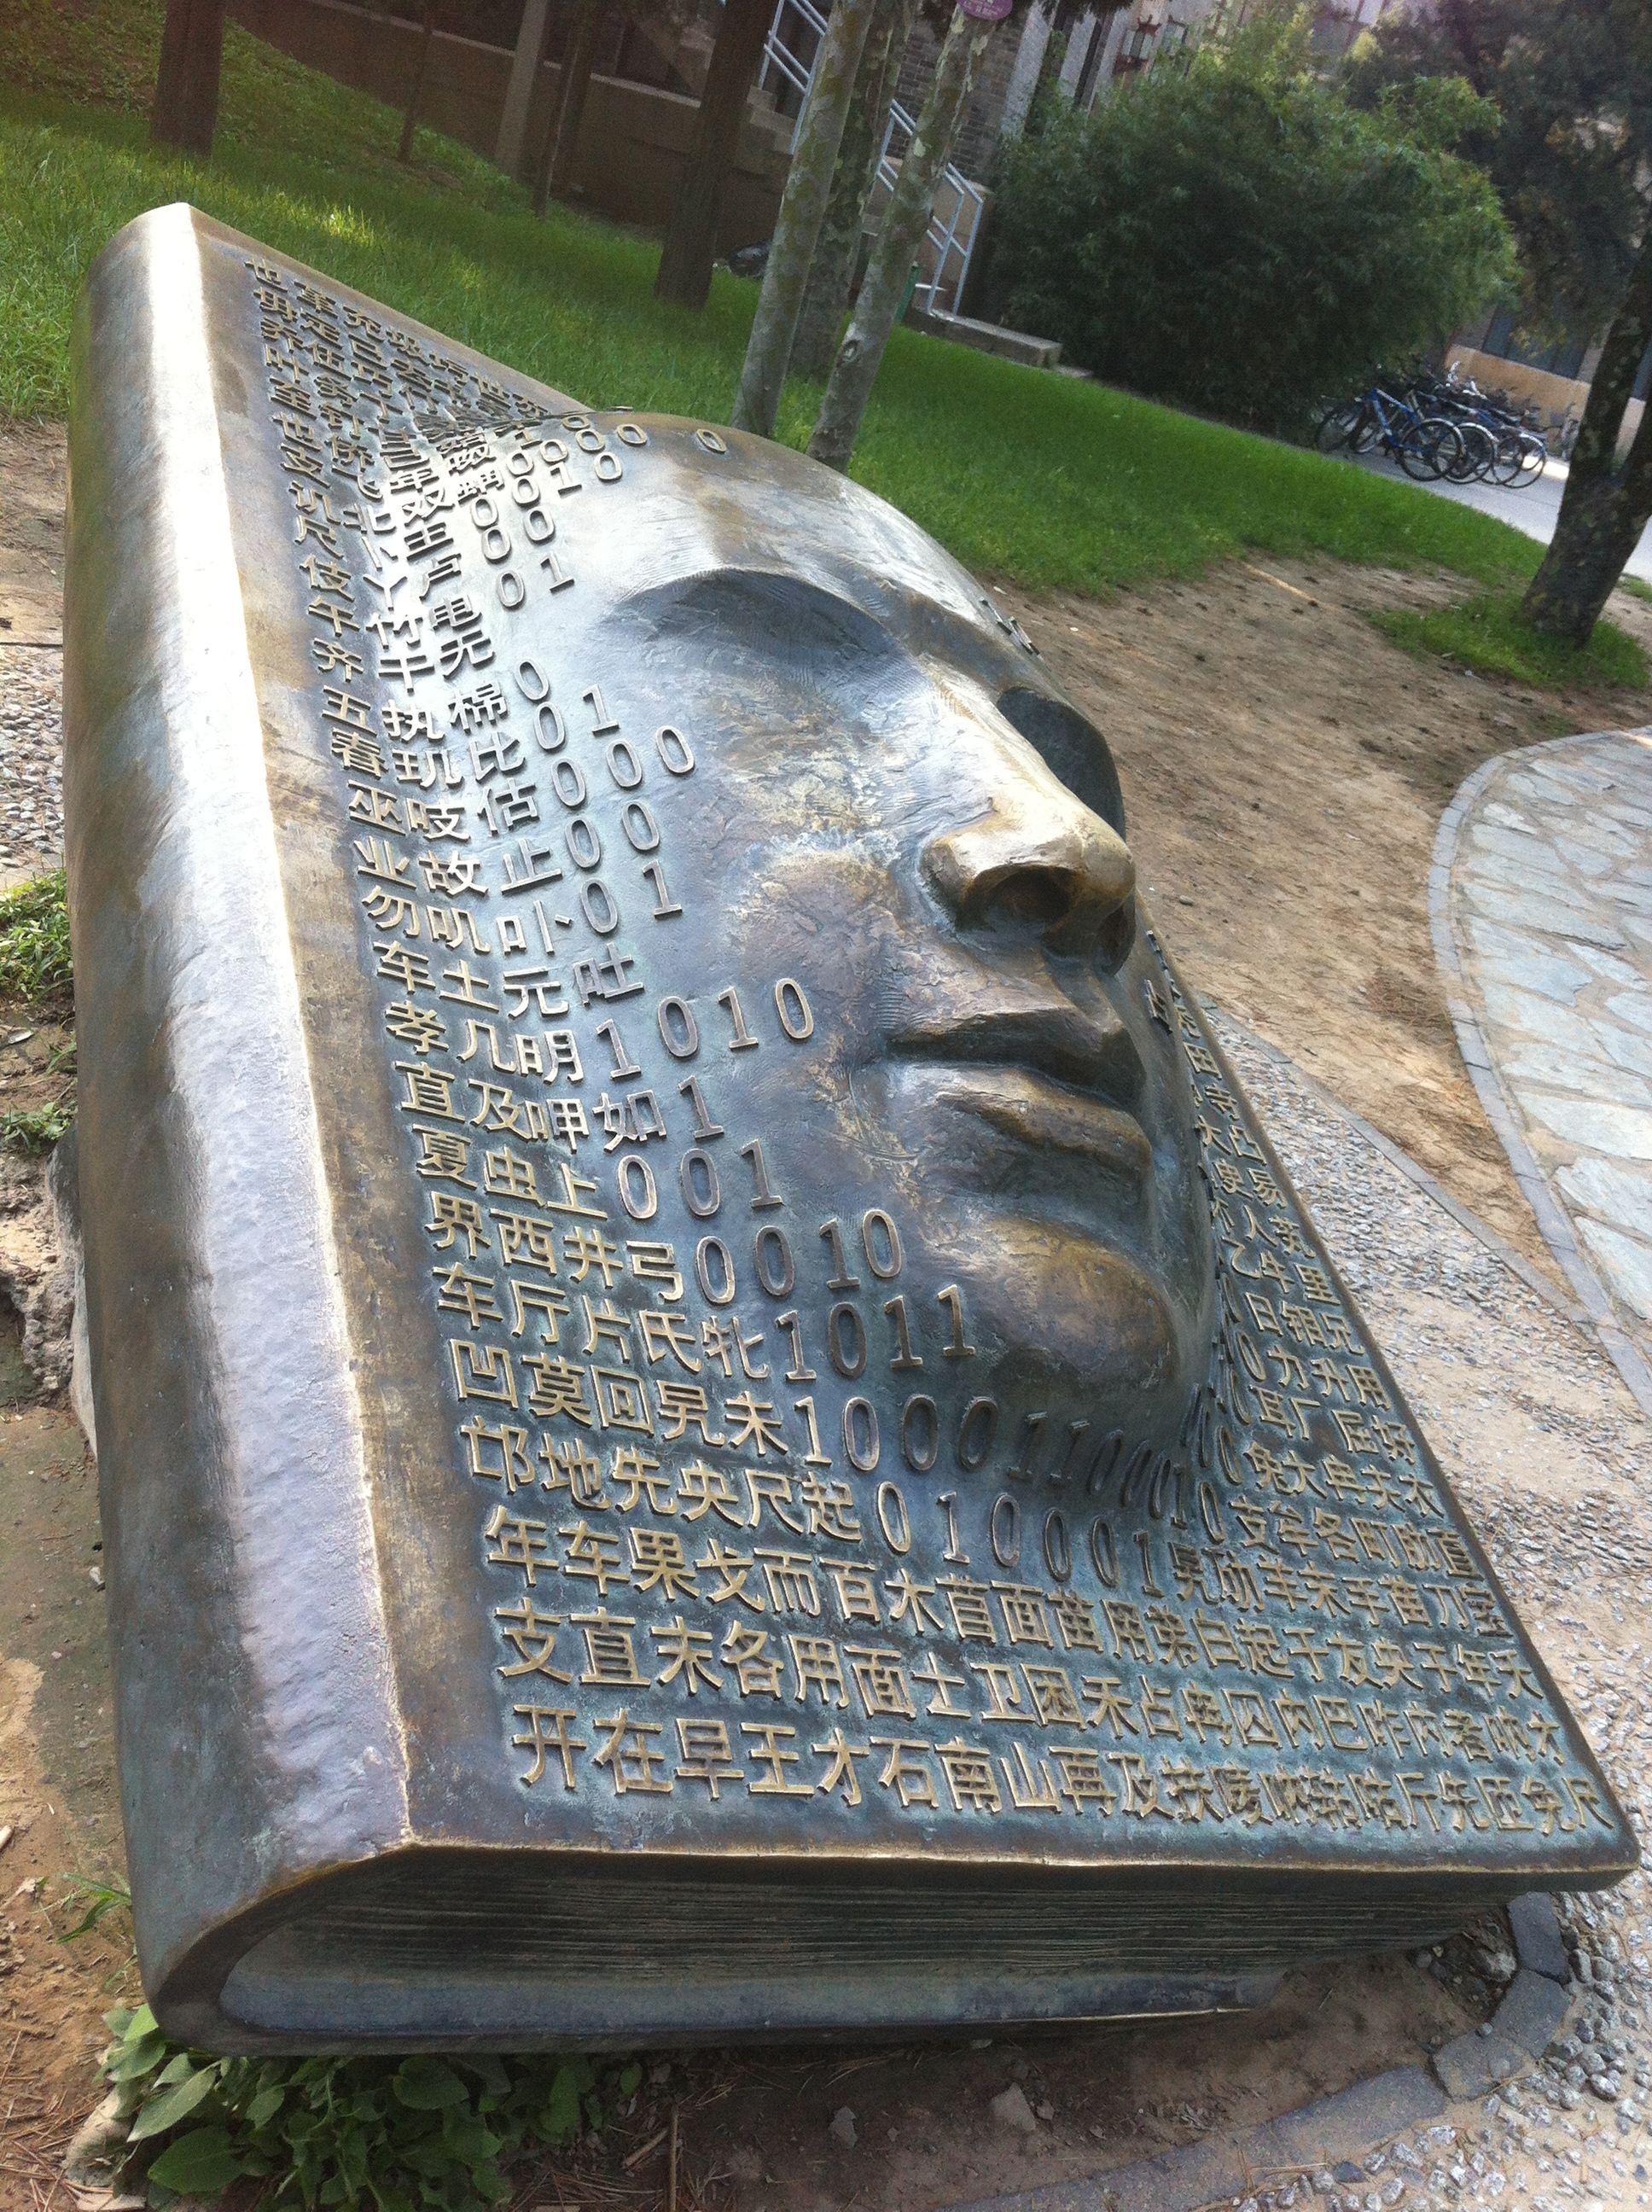 Bücher und Blogs, Schriftzeichen und Binärcode – hier als Kunstwerk auf dem Campus der Tsinghua-Uni